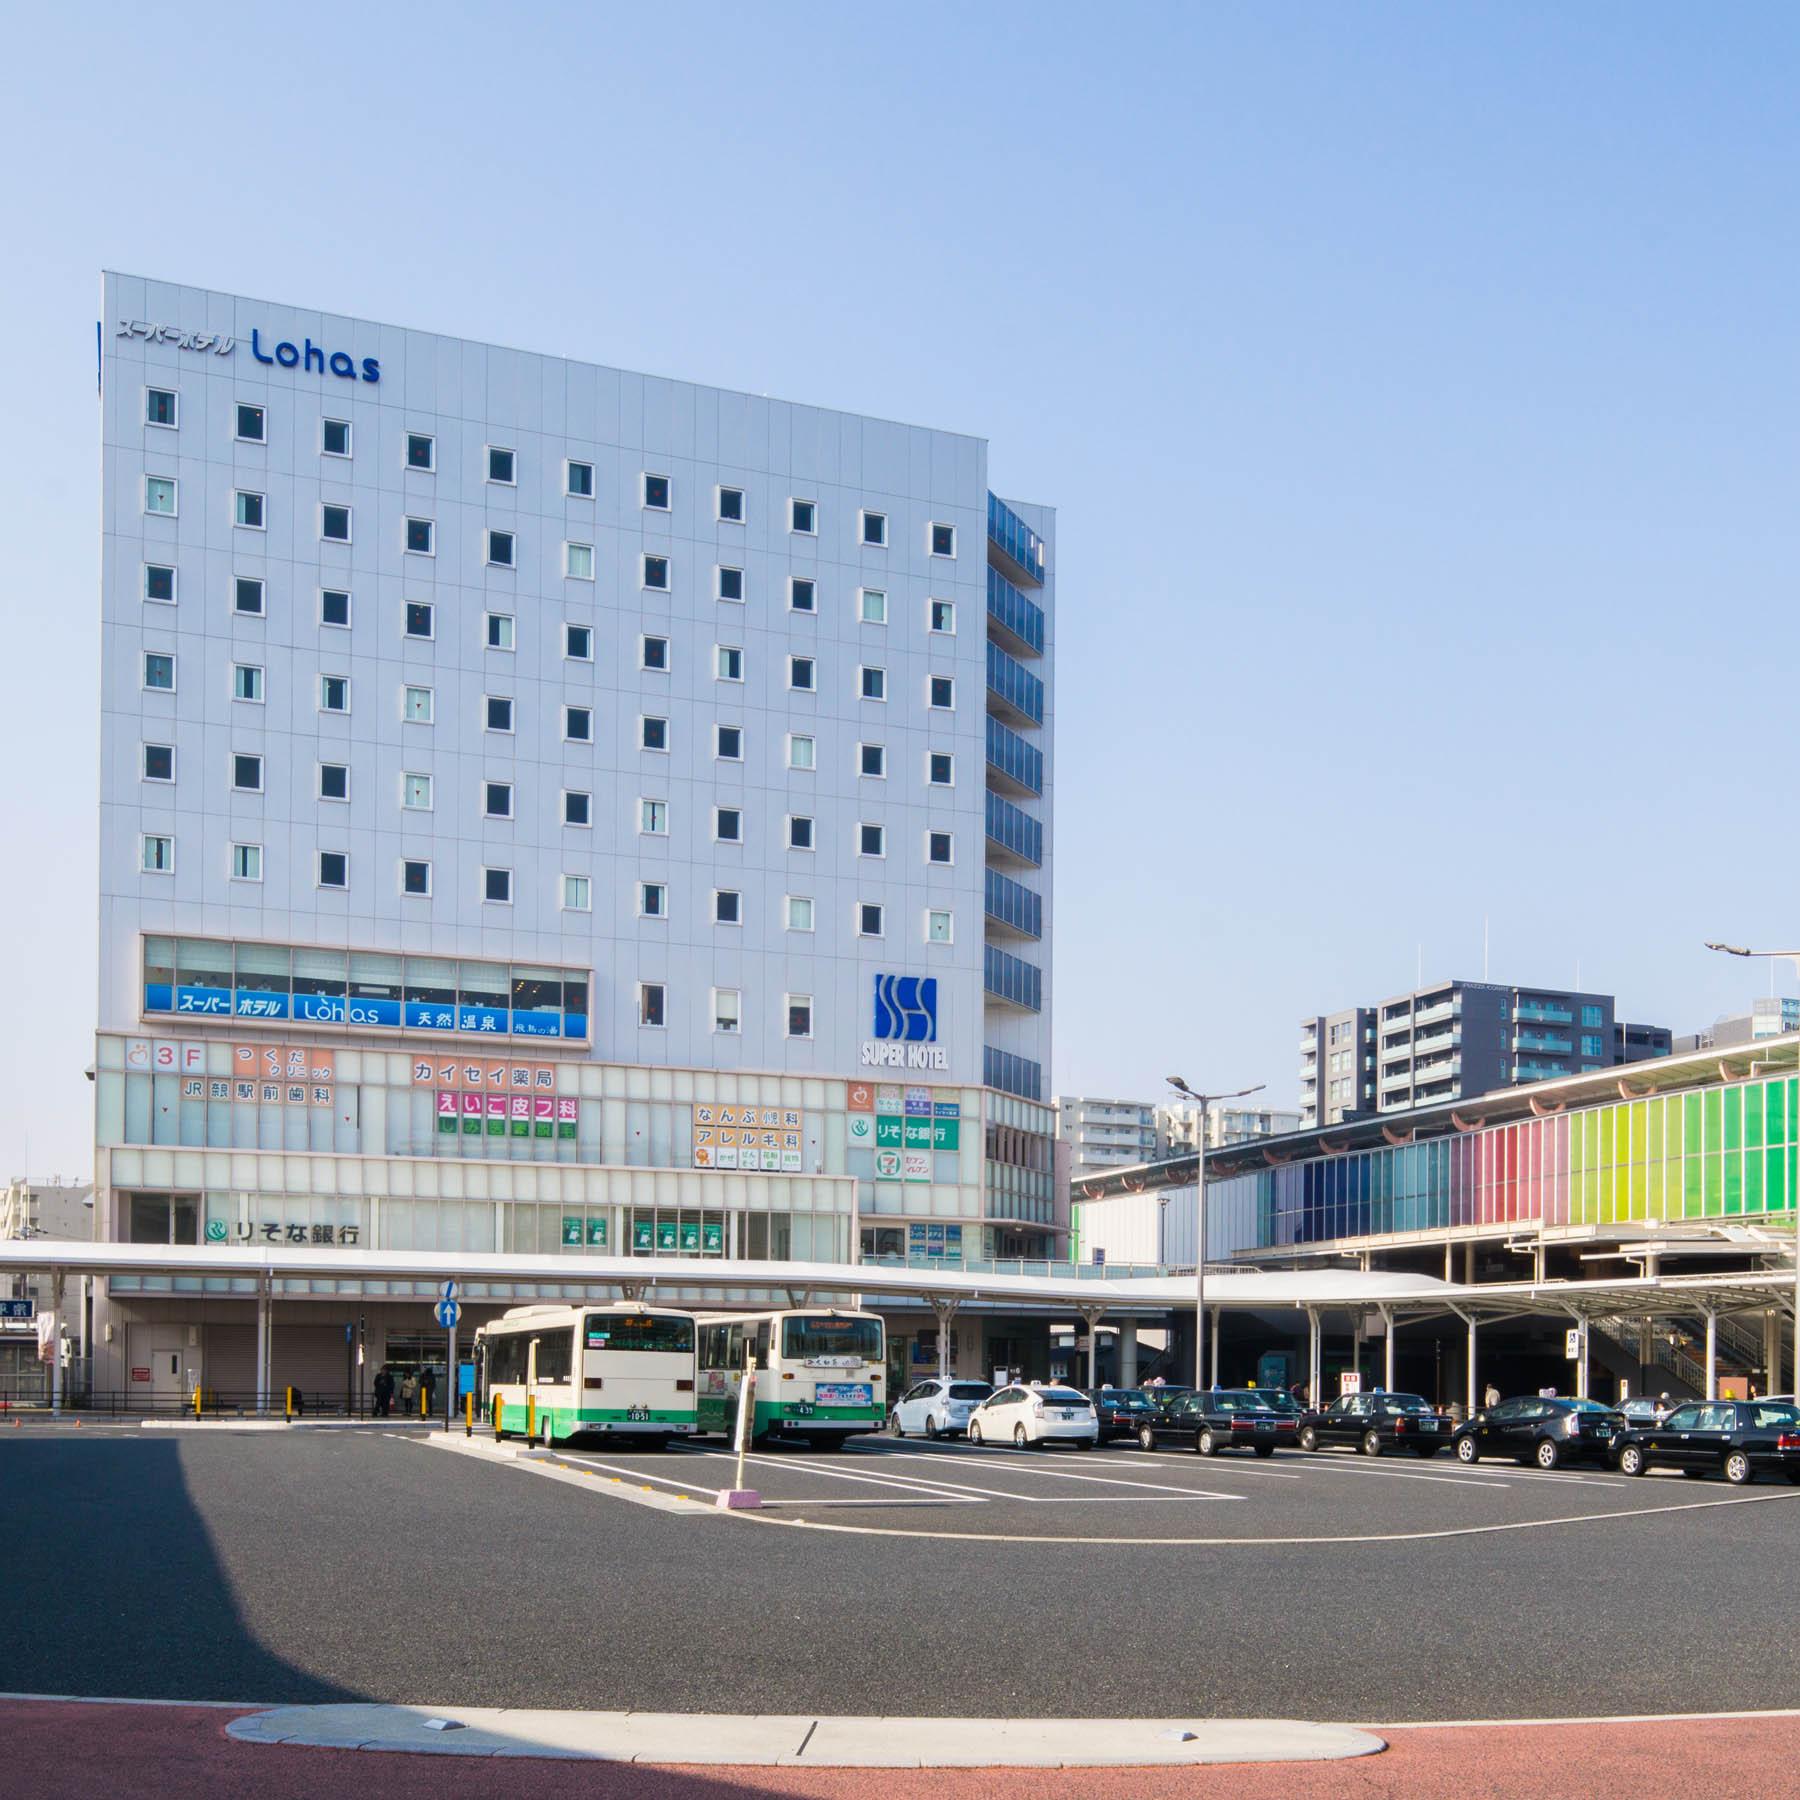 天然温泉 スーパーホテル LOHAS・JR奈良駅